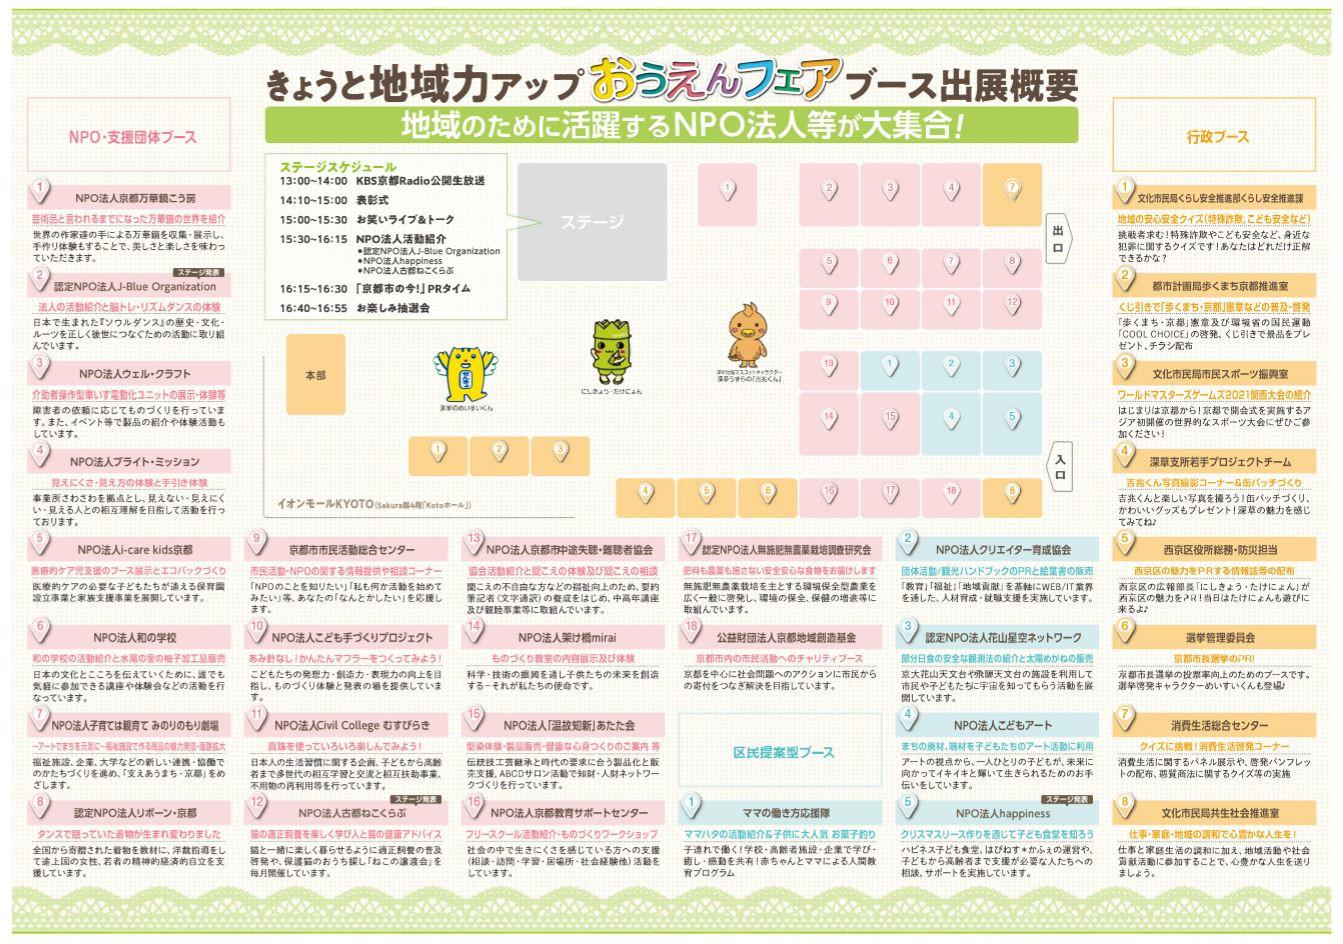 パンフレット画像2.JPG